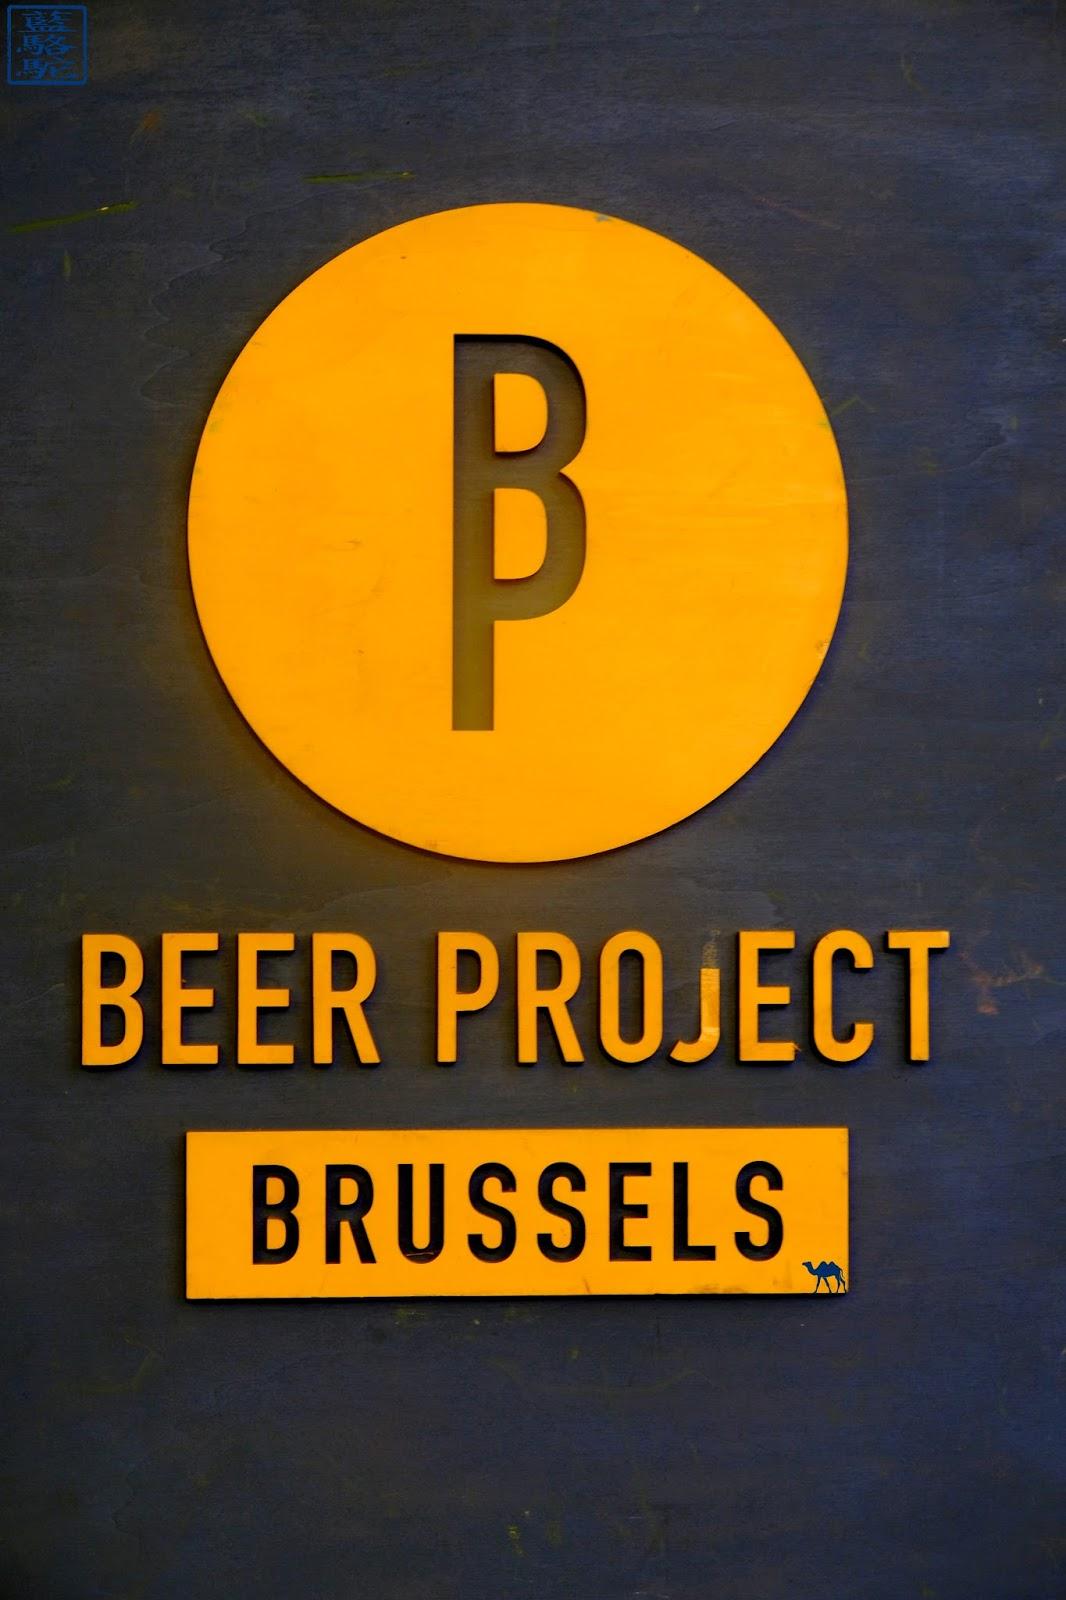 Le Chameau Bleu - Beer Project Brussels - Visiter Bruxelles quoi faire